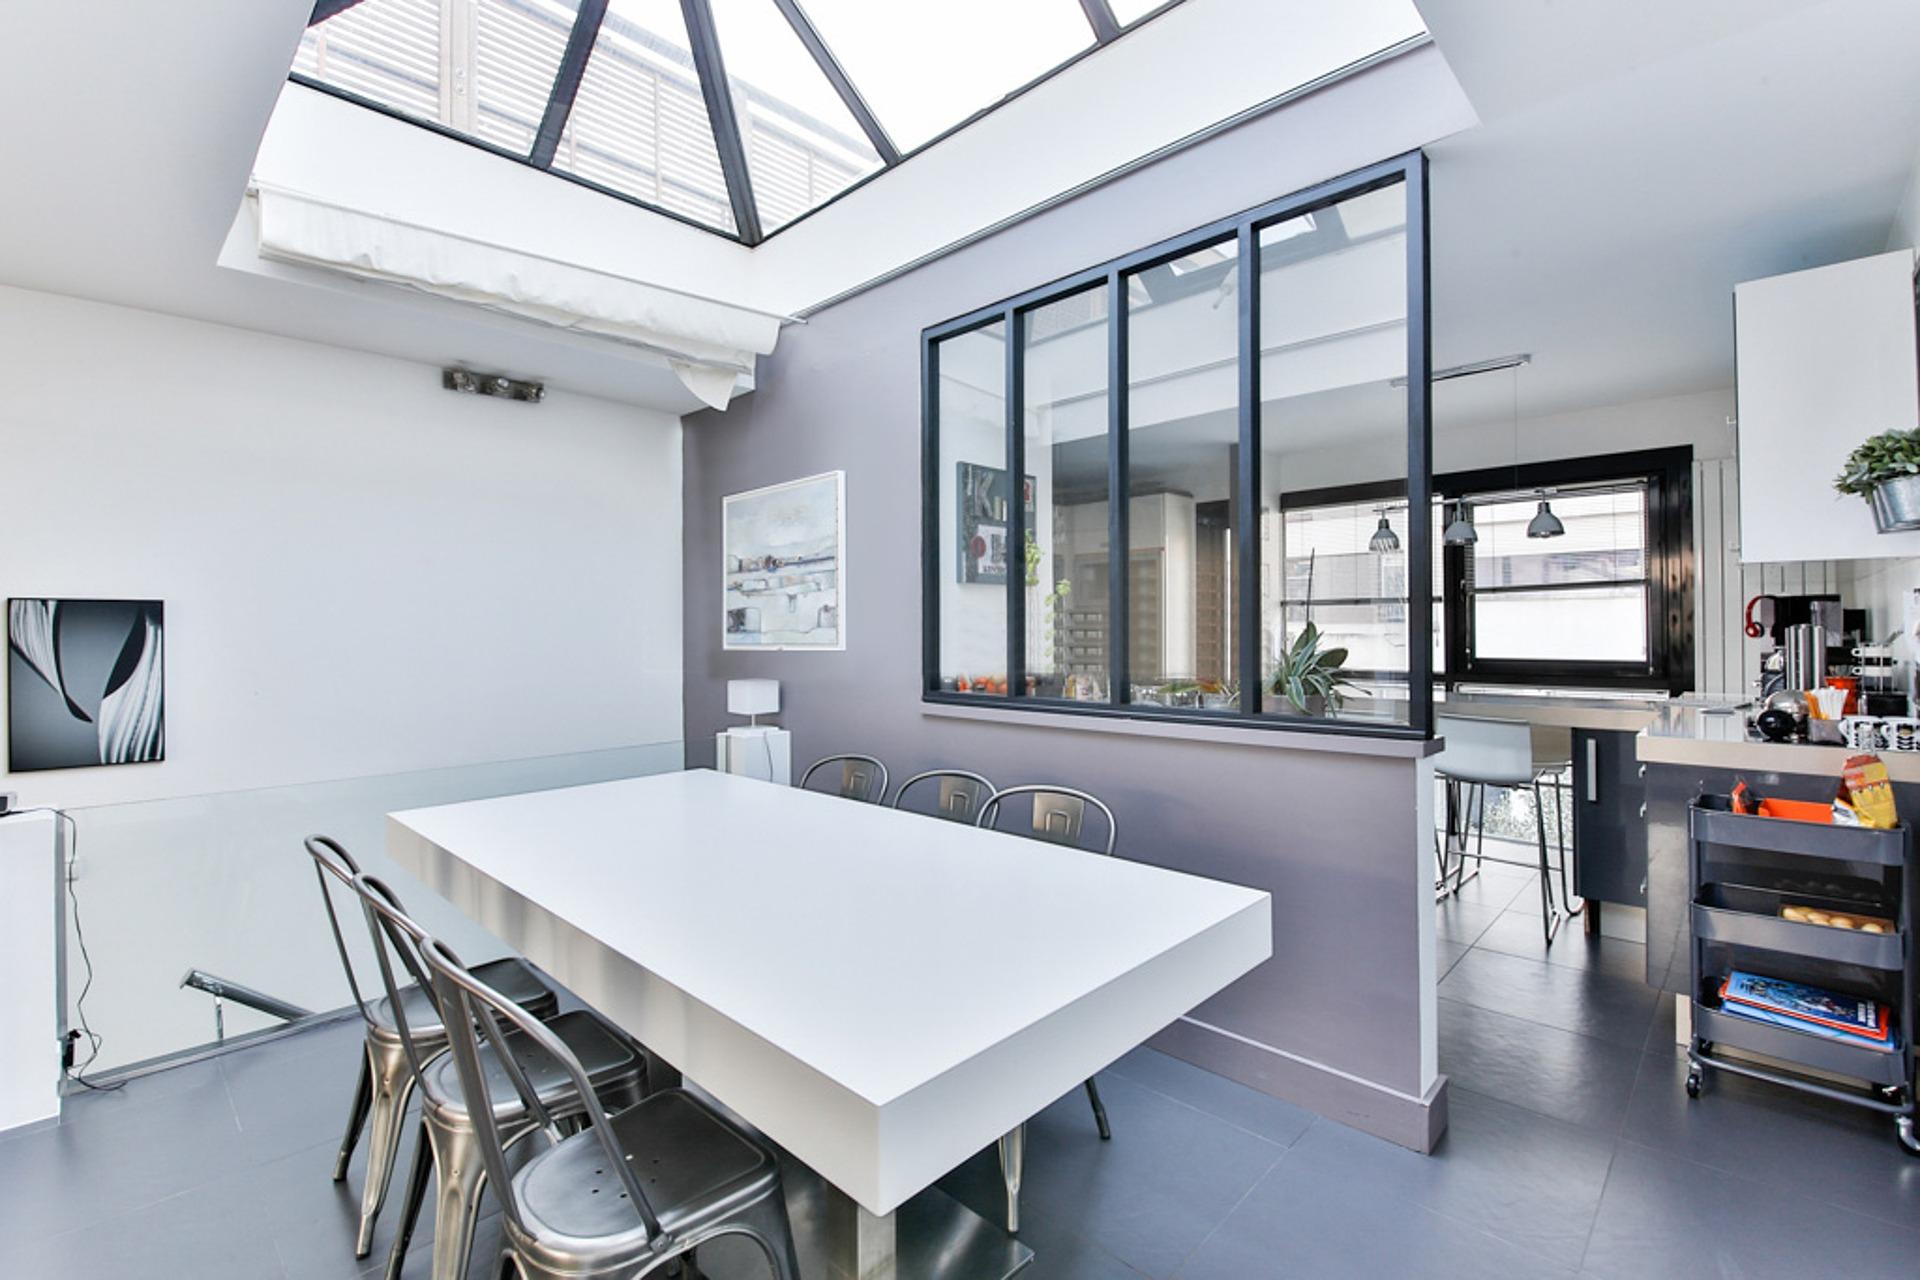 architecte d 39 int rieur comment a marche agence mrc marseille. Black Bedroom Furniture Sets. Home Design Ideas